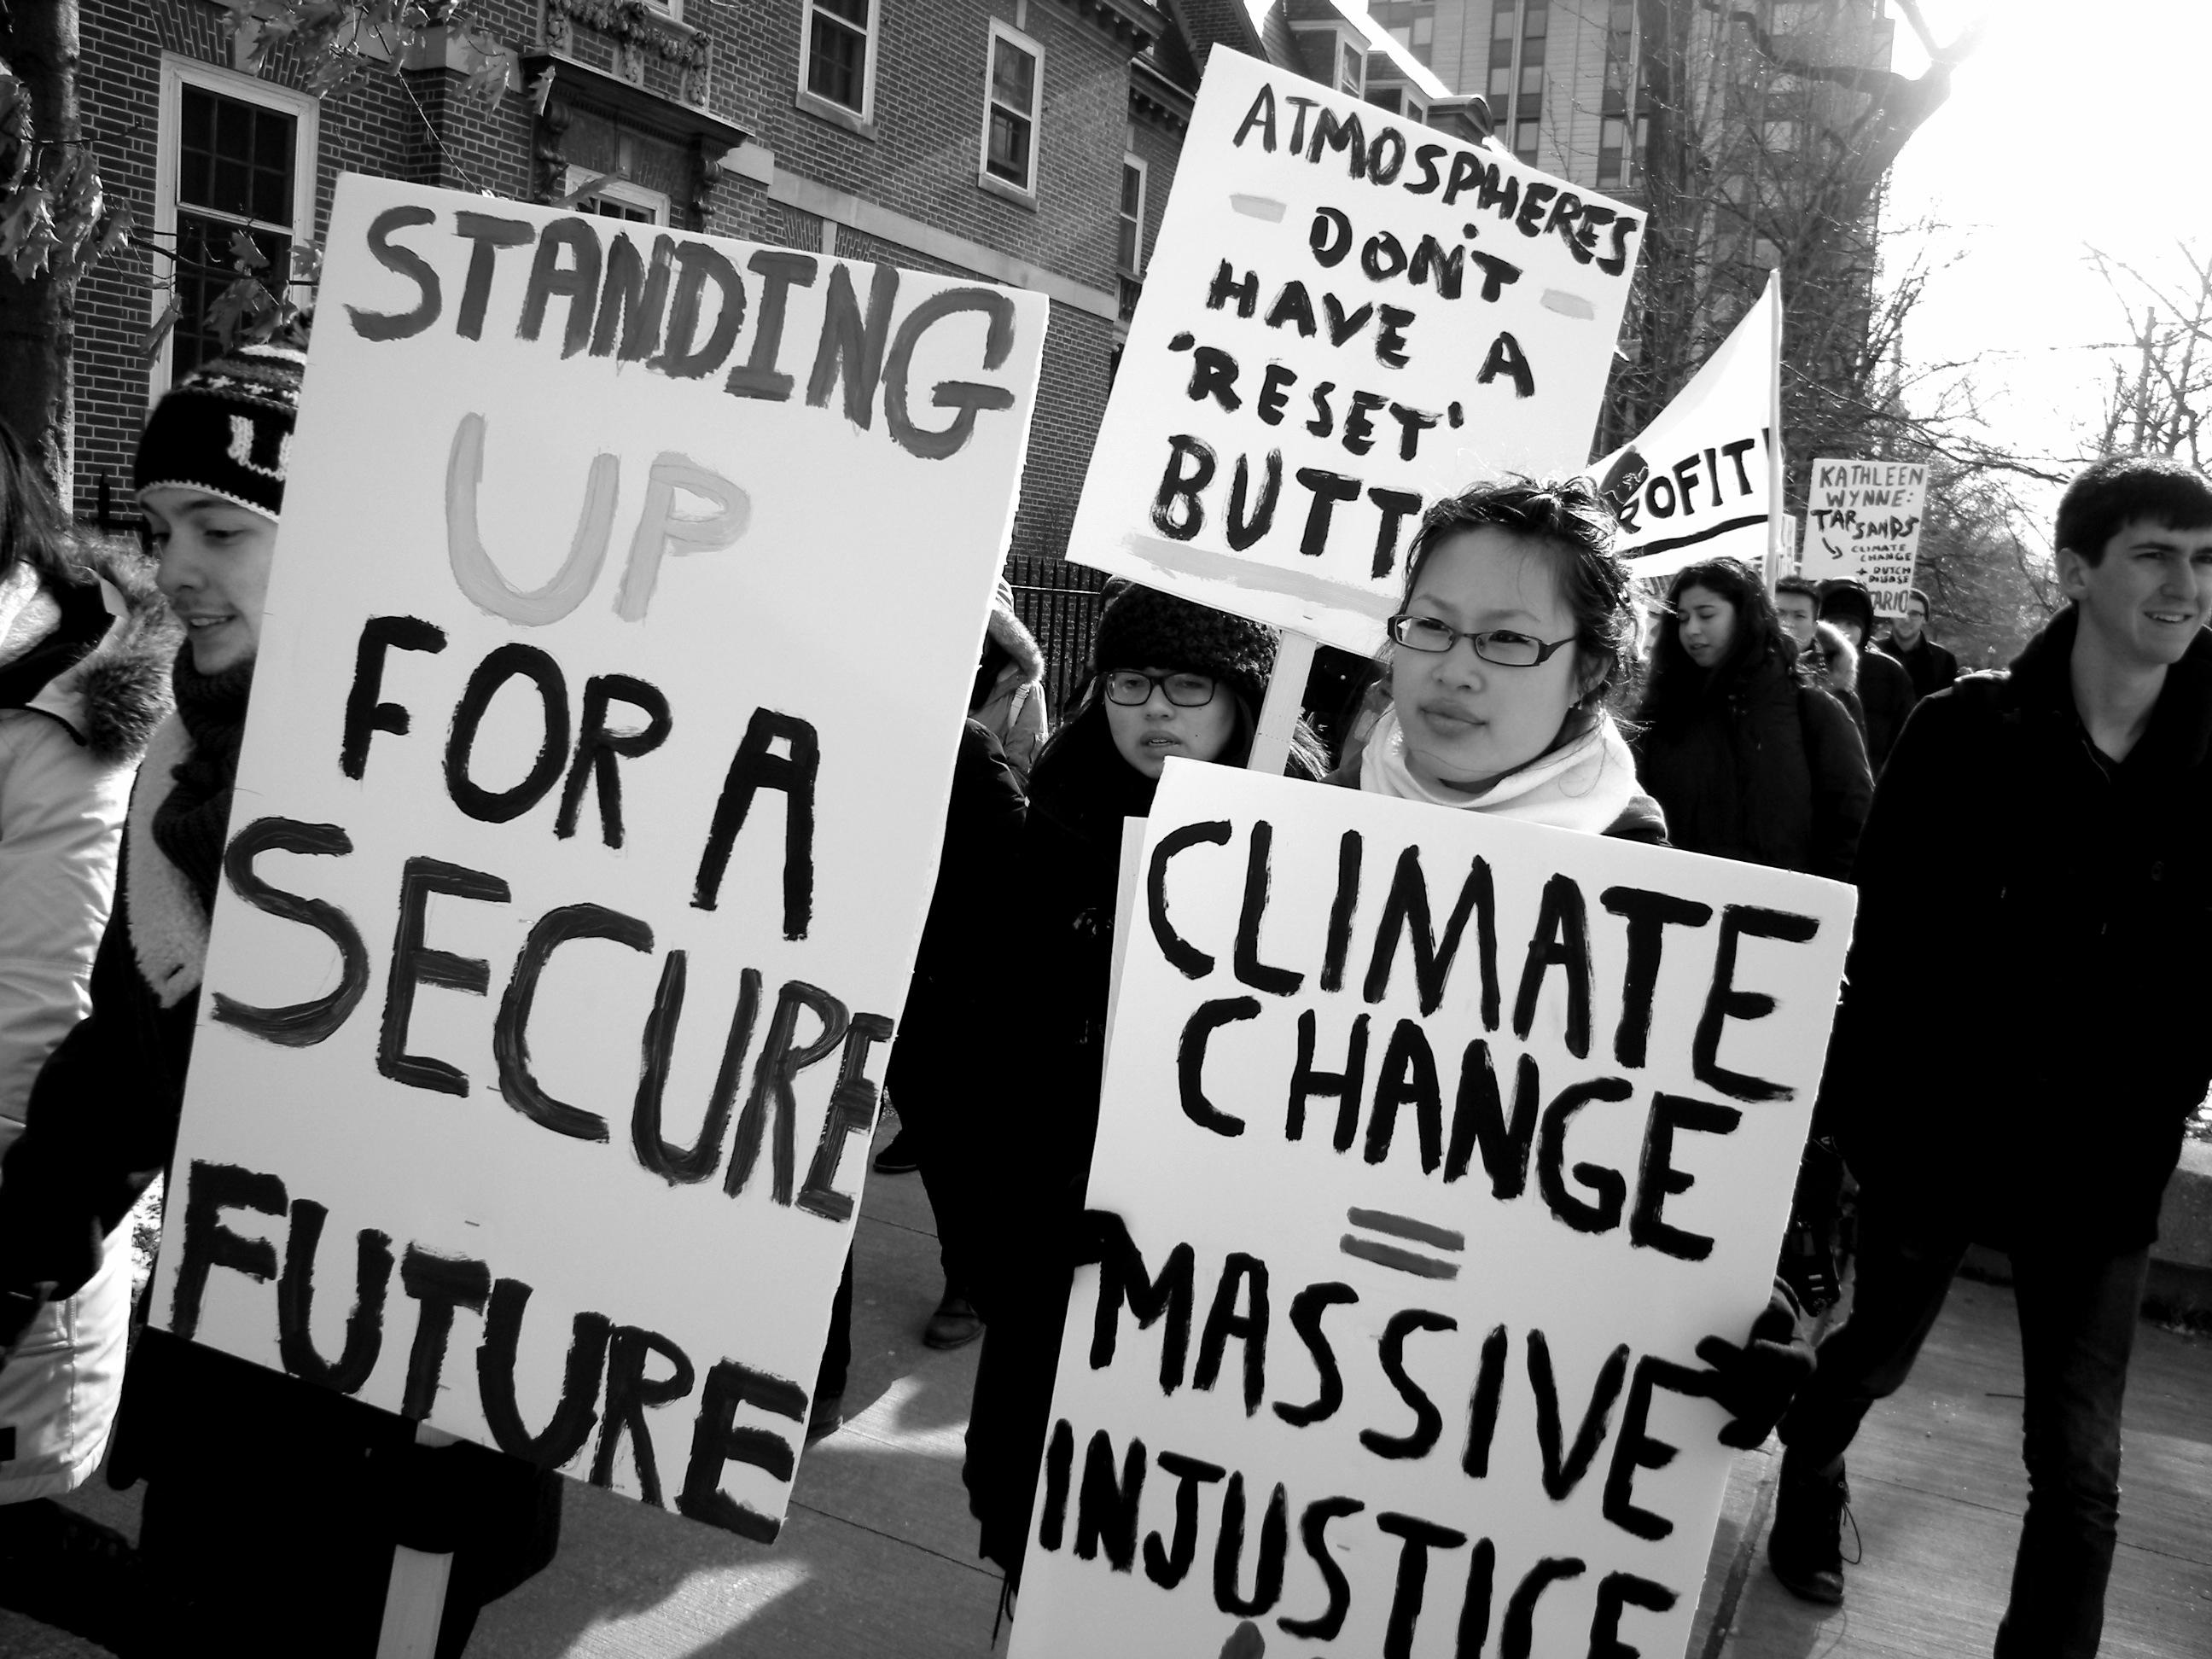 ProtestDemocratsFailuresonClimateChange.jpg